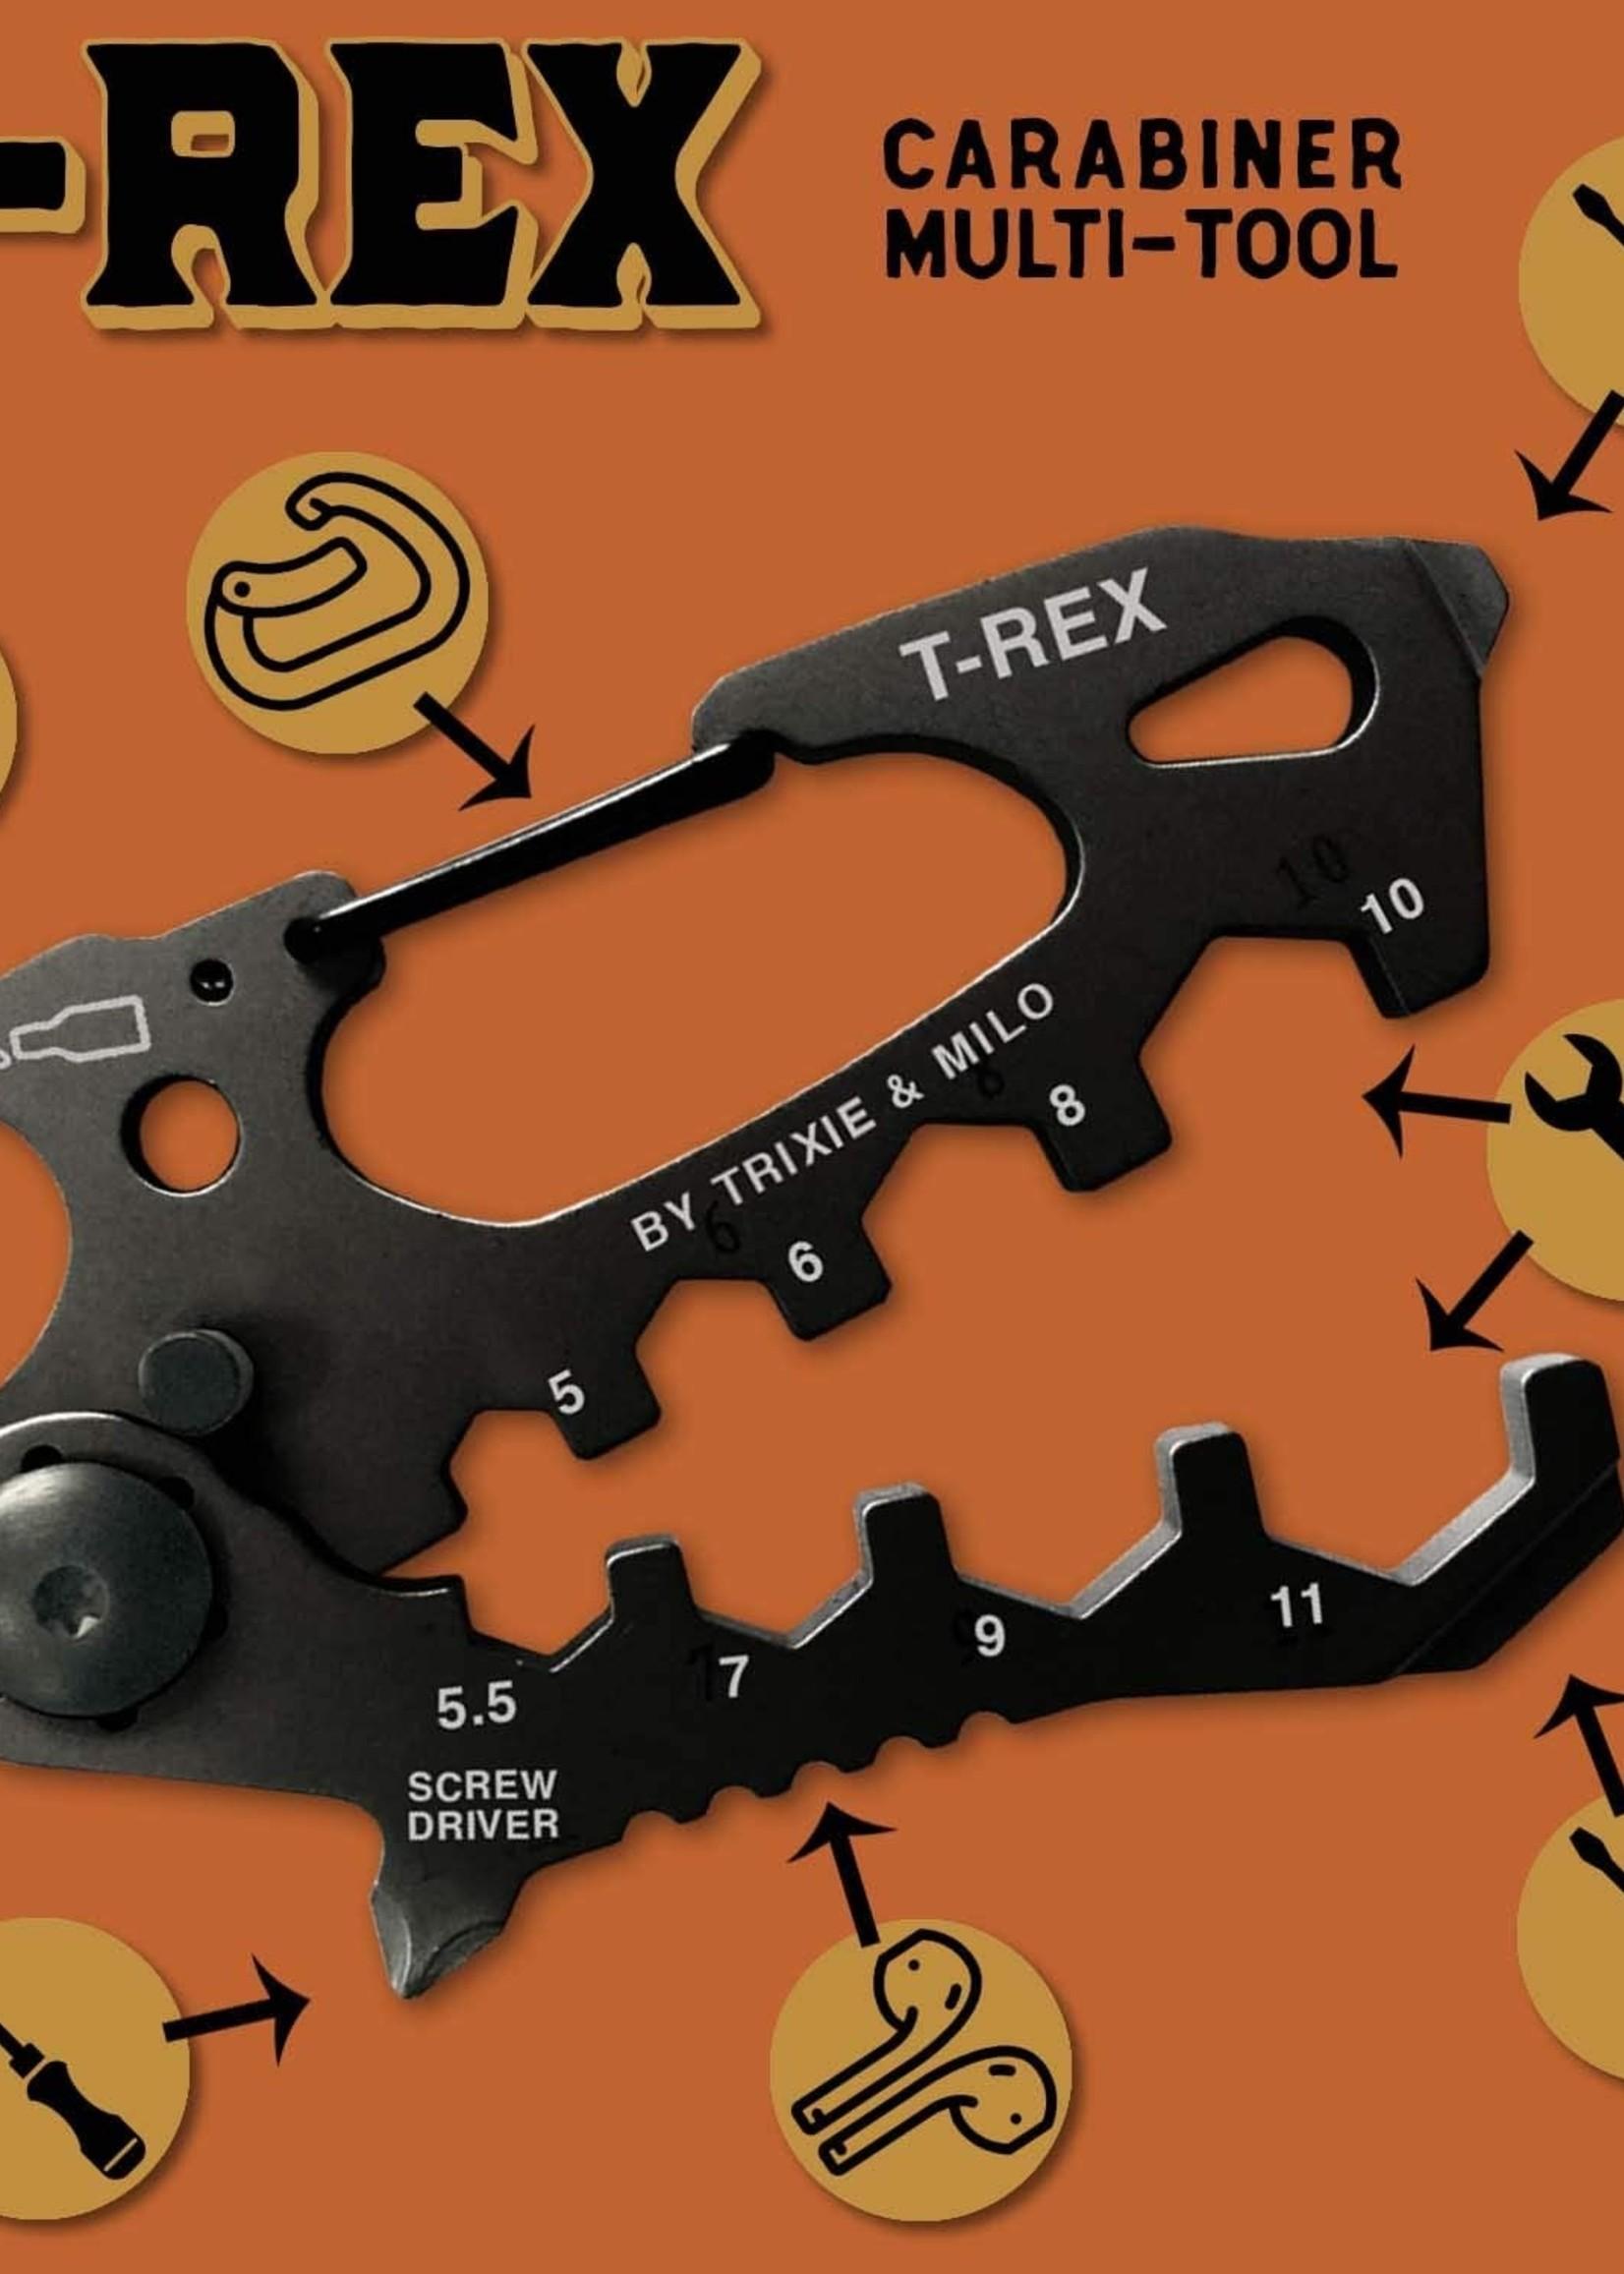 Trixie & Milo T-Rex Multi-Tool